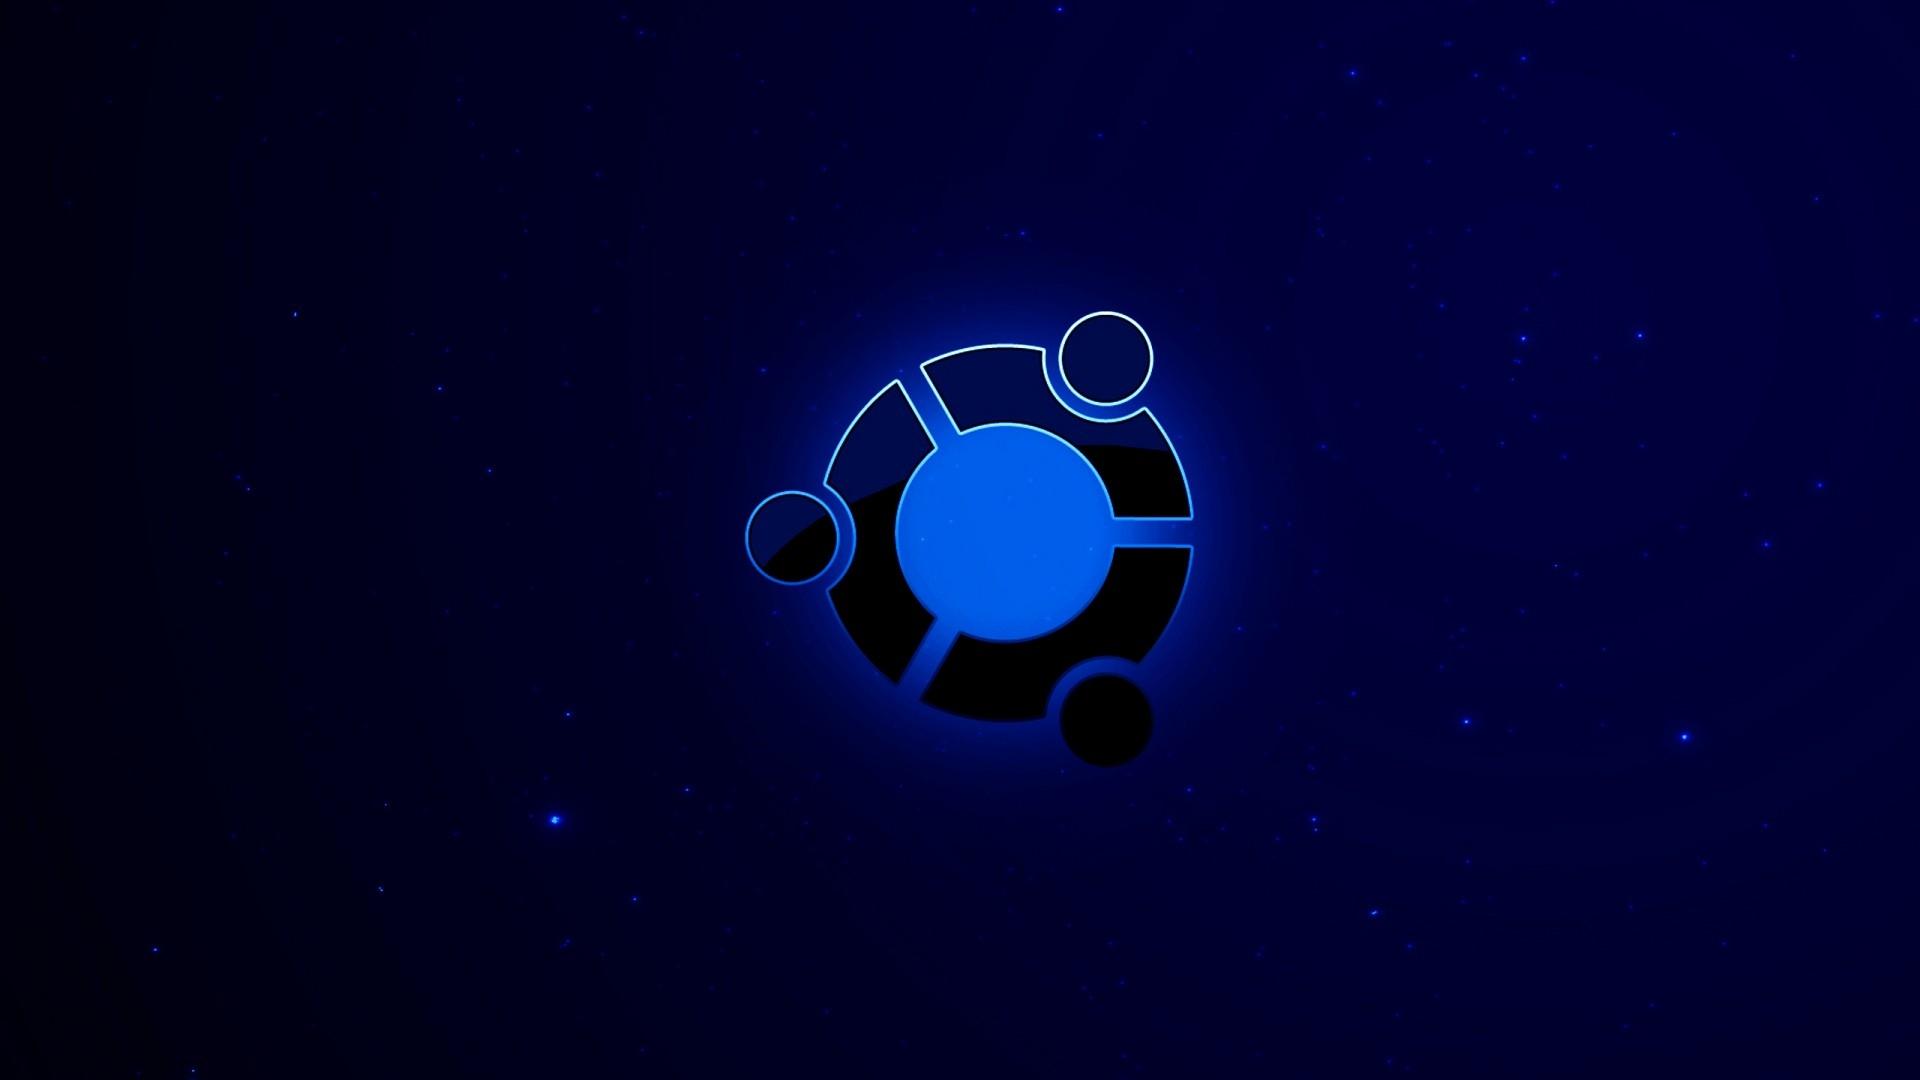 Ubuntu Wallpaper Desktop